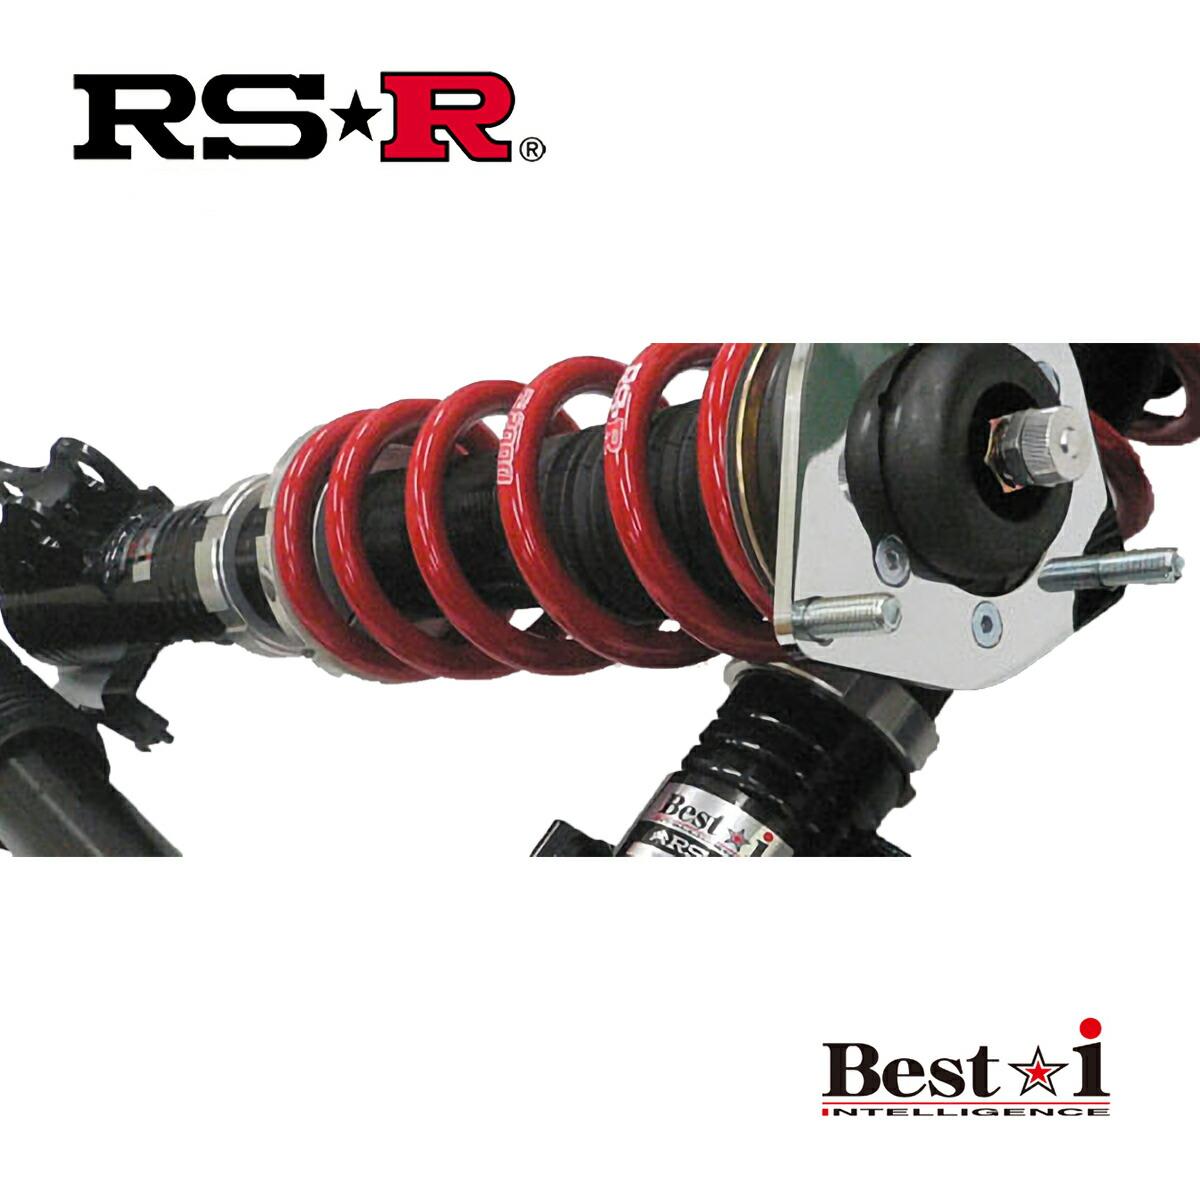 RS-R シビック EG6 SIR 車高調 リア車高調整:全長式/推奨バネレート仕様 BIH044M ベストi RSR 個人宅発送追金有